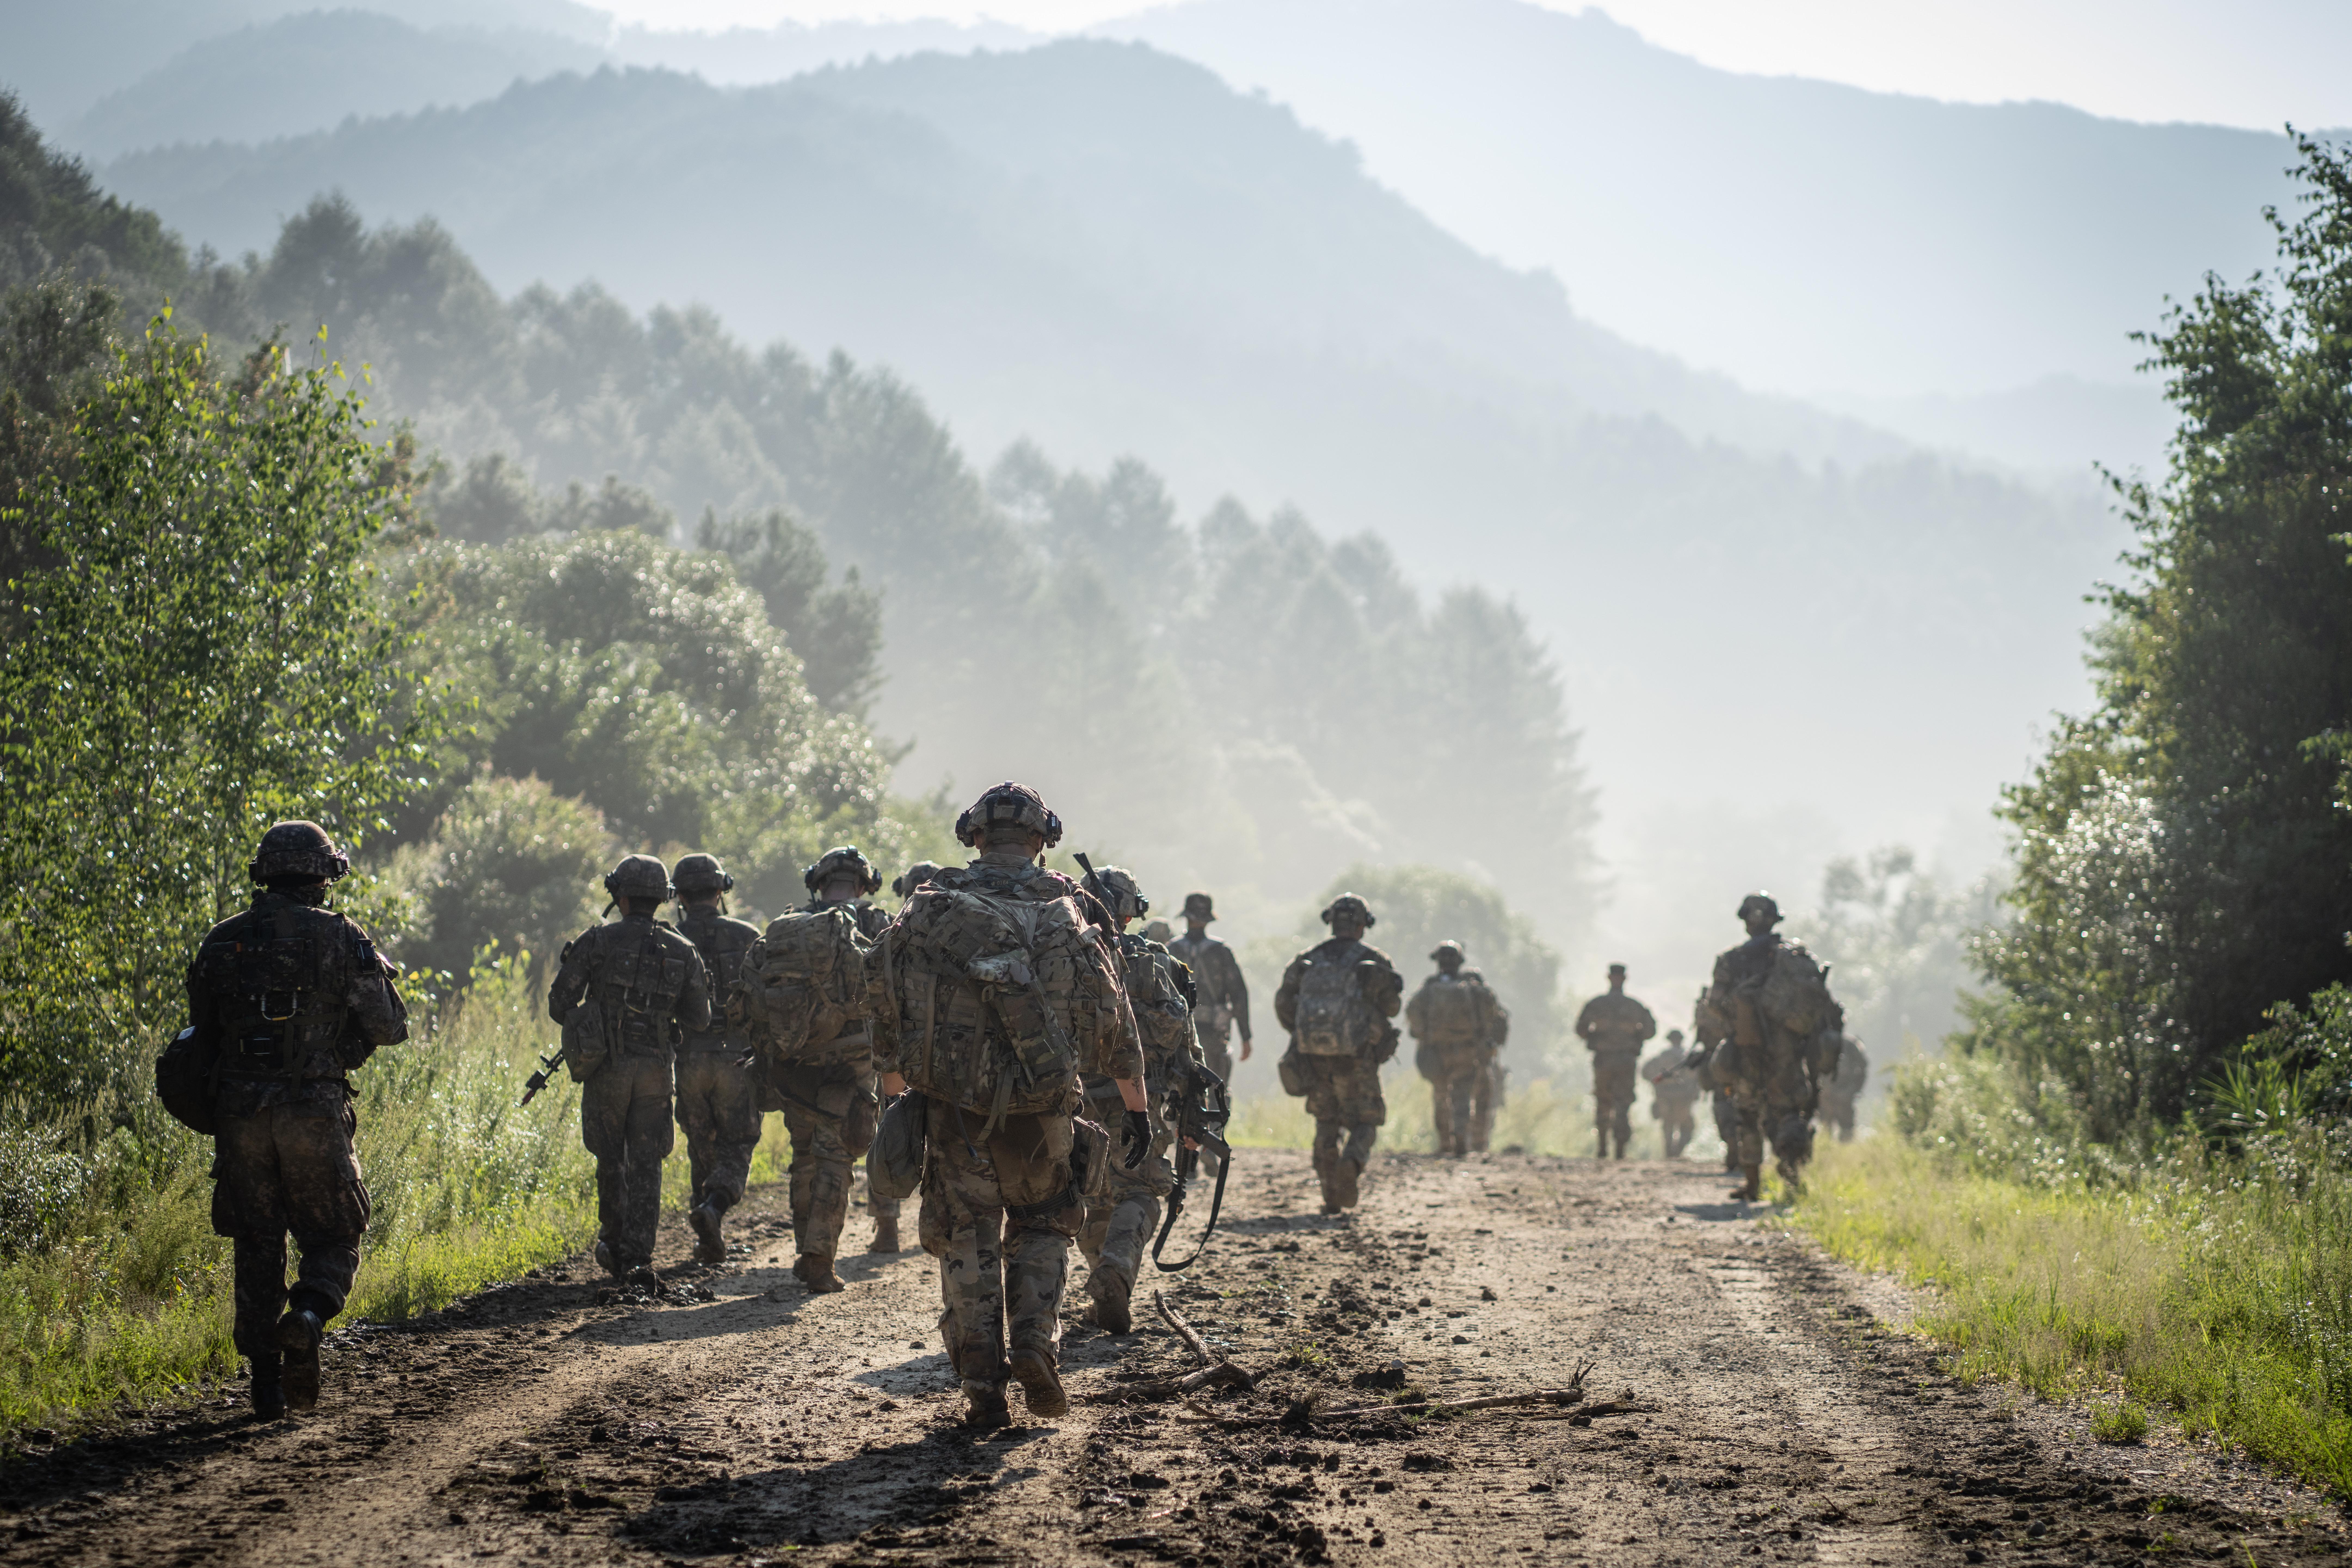 ▲▼南韓江原道麟蹄郡一處軍方部隊設施遭可疑人士入侵。(圖/達志影像)